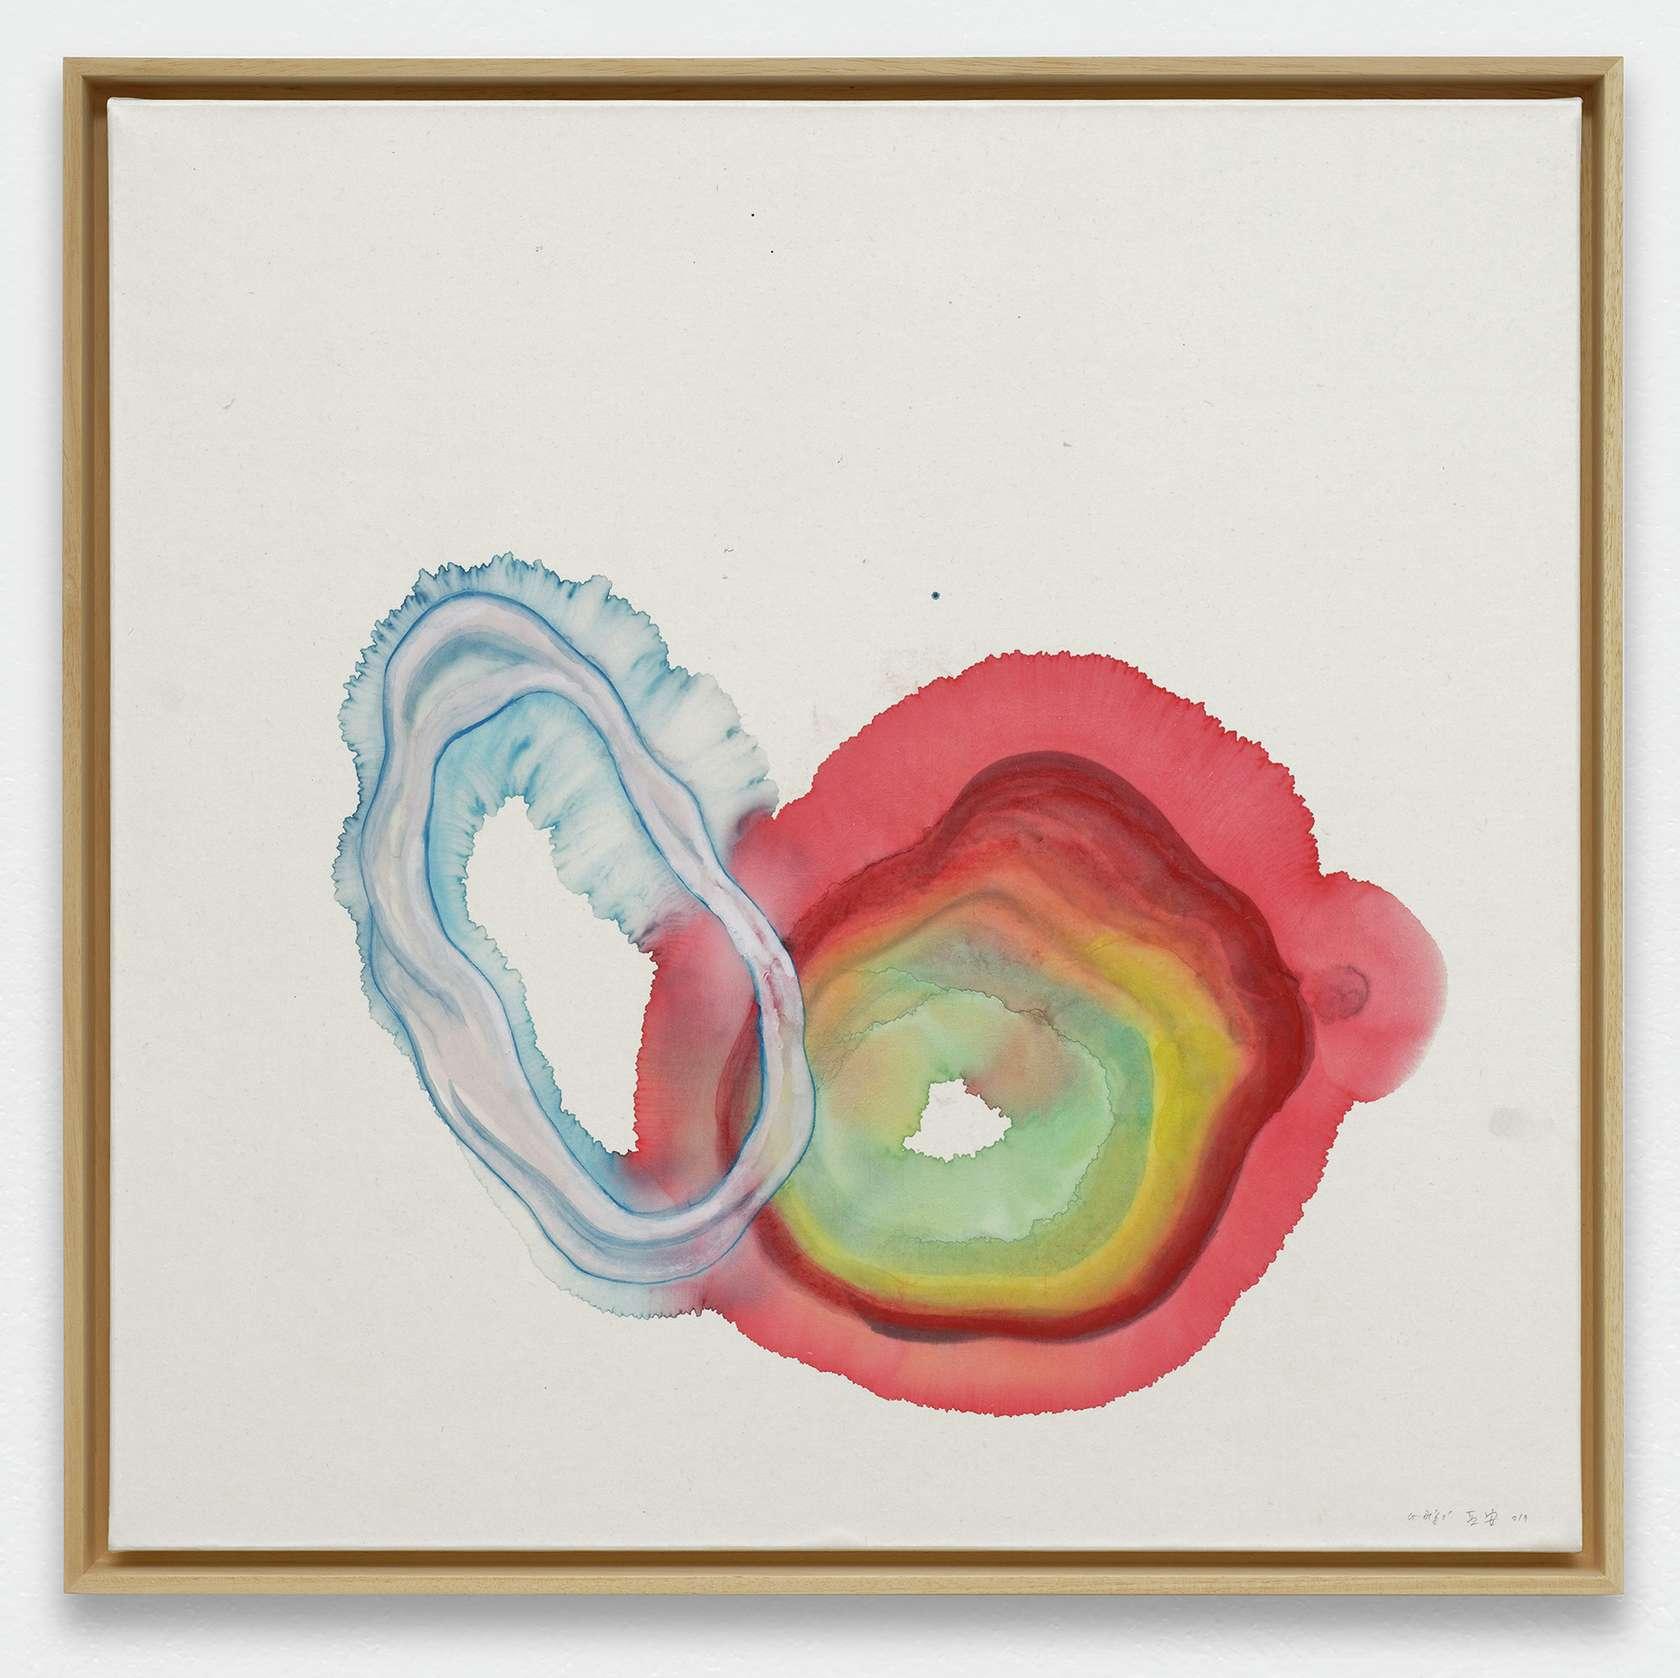 Guillaume Dégé, Un grain de moutarde, 2019 Gouache sur papier chinois marouflé sur toile67.5 × 68.5 cm / 26 5/8 × 27  in.